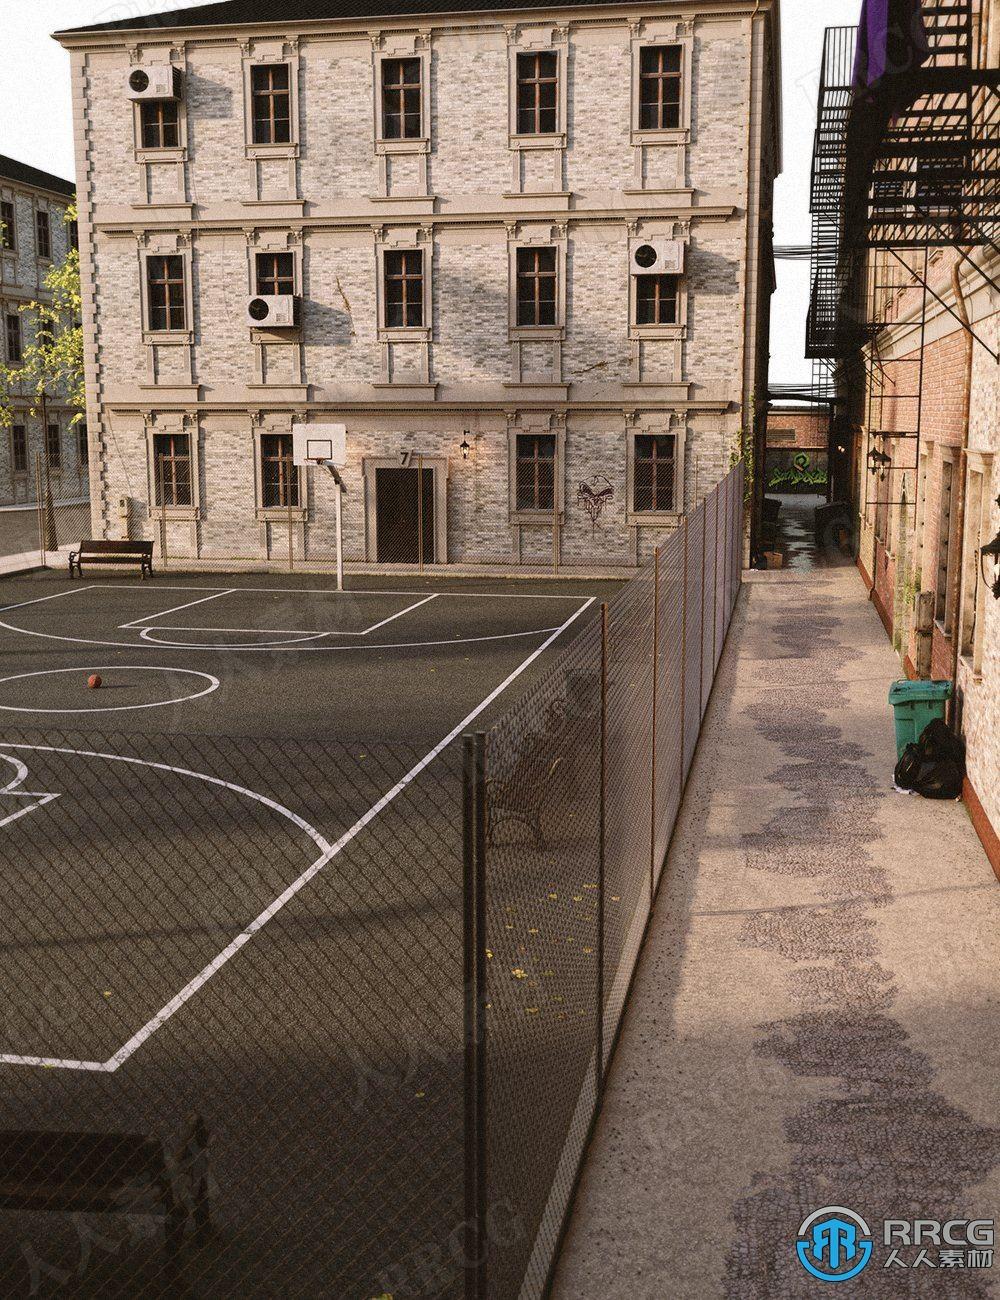 复古园区休闲篮球场环境场景3D模型合集